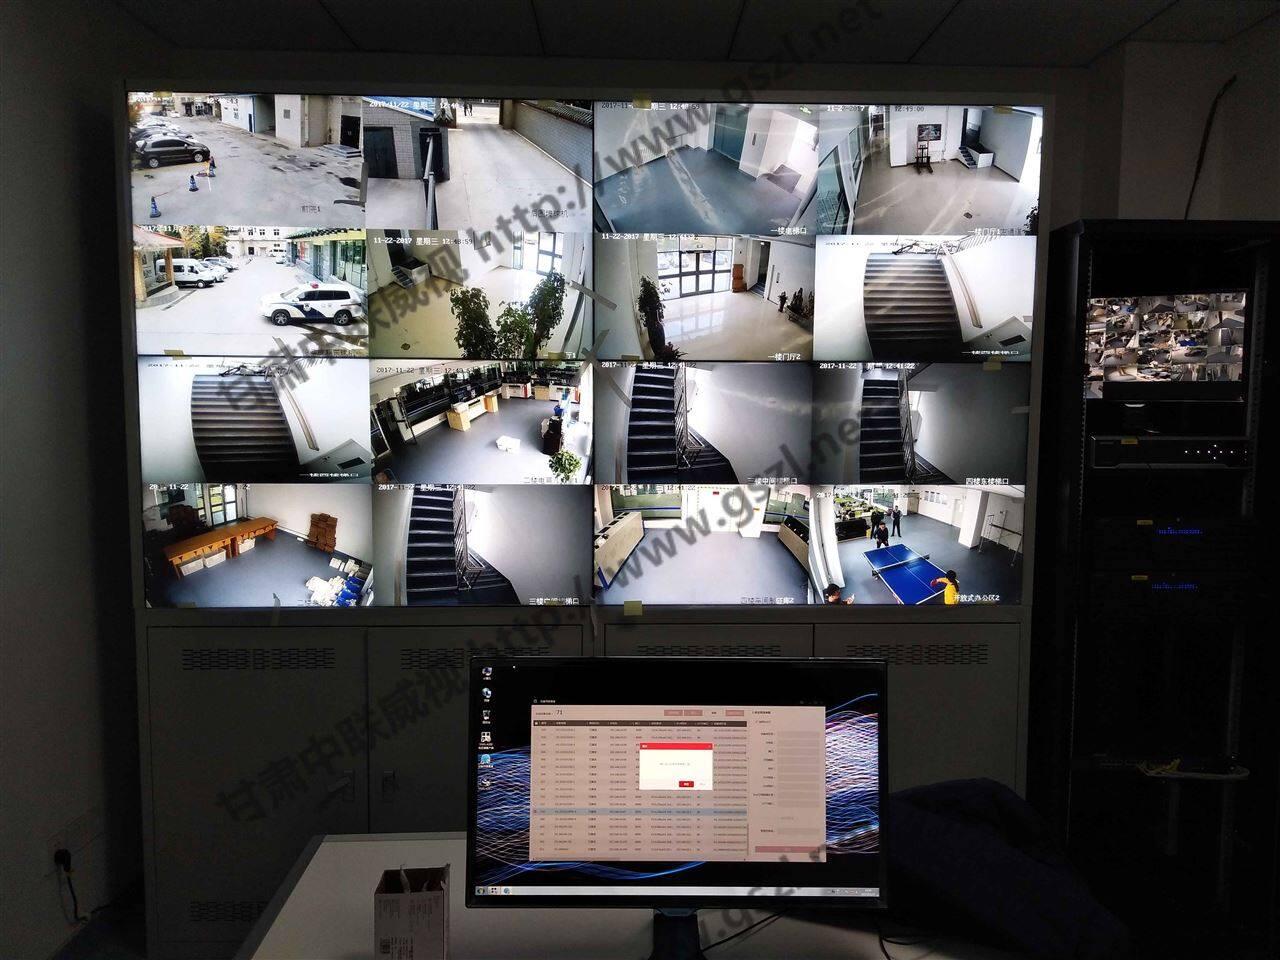 高清视频监控系统|LCD监控拼接屏|监控拼接屏安装